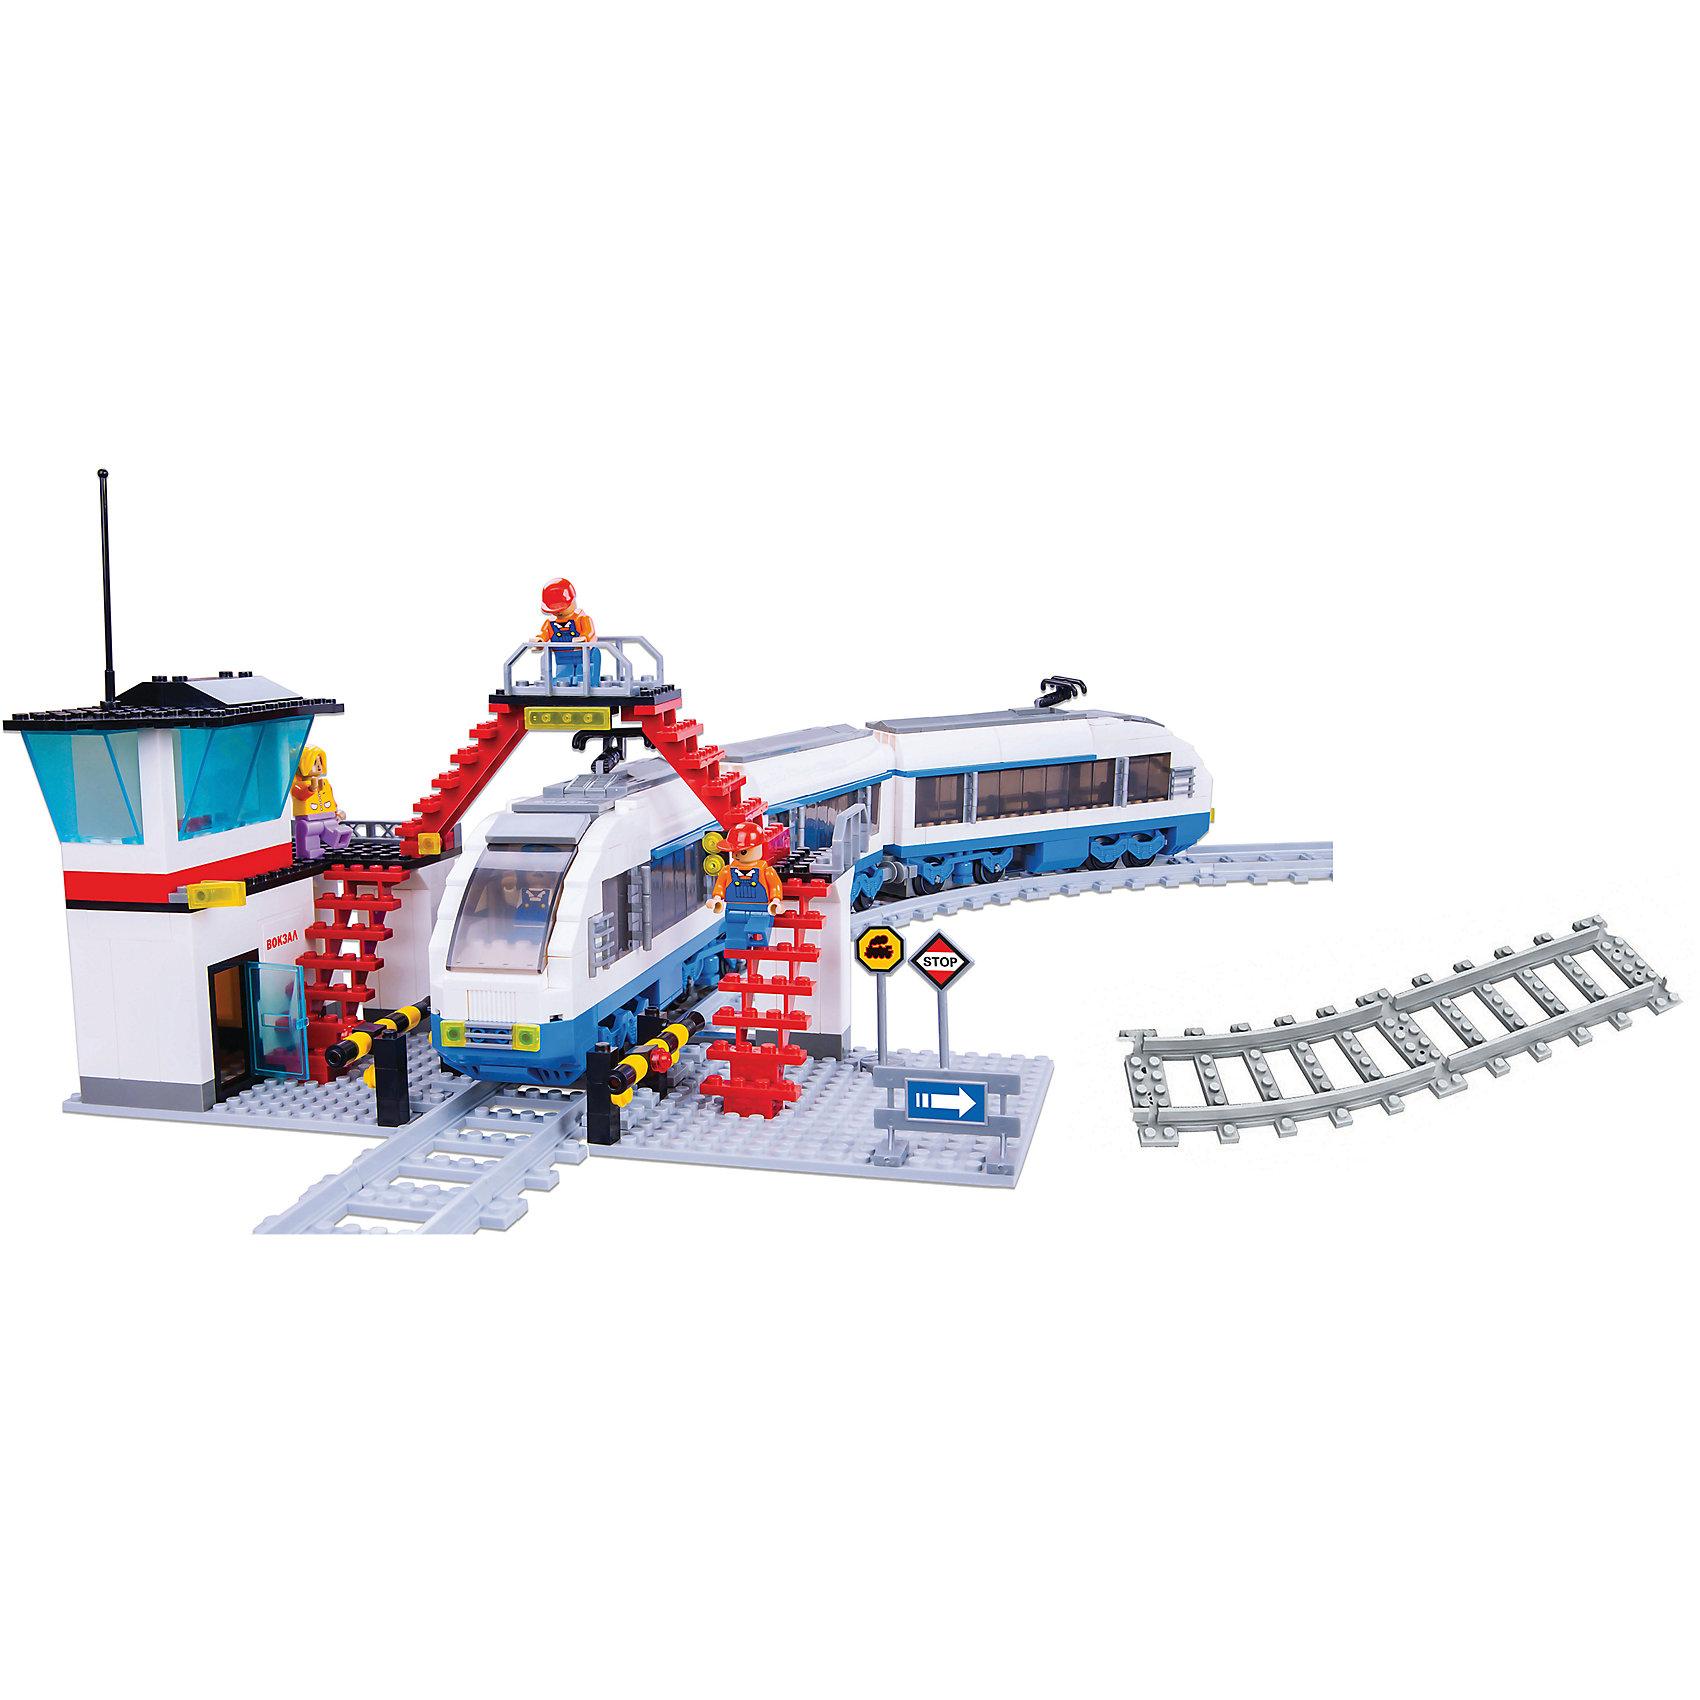 Железная дорога Конструктор Скоростной экспресс, Голубая стрелаИгрушечная железная дорога<br>Железная дорога Конструктор Скоростной экспресс, Голубая стрела.<br><br>Характеристики:<br><br>• Комплектация: прямые рельсы - 4 шт., изогнутые рельсы- 16 шт., фигурки людей, железнодорожные знаки, станция с платформой и мостом, элементы для сборки<br>• Количество деталей: 888<br>• Размер железной дороги: 700х960 мм.<br>• Материал: пластик<br>• Упаковка: картонная коробка<br>• Размер упаковки: 47x35x7 см.<br><br>«Скоростной экспресс» - блочный конструктор, в котором 888 деталей! Из деталей конструктора ваш ребенок соберет железнодорожное полотно овальной формы и современный поезд. Локомотив и вагоны легко сцепляются друг с другом. Лобовое стекло локомотива откидывается. <br><br>Также для полноценной сюжетной игры в комплекте имеются станция с платформой и мостом, железнодорожные знаки и фигурки людей. Собирая детали конструктора, ребенок разовьет воображение, мелкую моторику рук, пространственное и логическое мышление. Все наборы серии совместимы между собой.<br><br>Железную дорогу Конструктор Скоростной экспресс, Голубая стрела можно купить в нашем интернет-магазине.<br><br>Ширина мм: 470<br>Глубина мм: 350<br>Высота мм: 65<br>Вес г: 2275<br>Возраст от месяцев: 72<br>Возраст до месяцев: 2147483647<br>Пол: Мужской<br>Возраст: Детский<br>SKU: 5400252